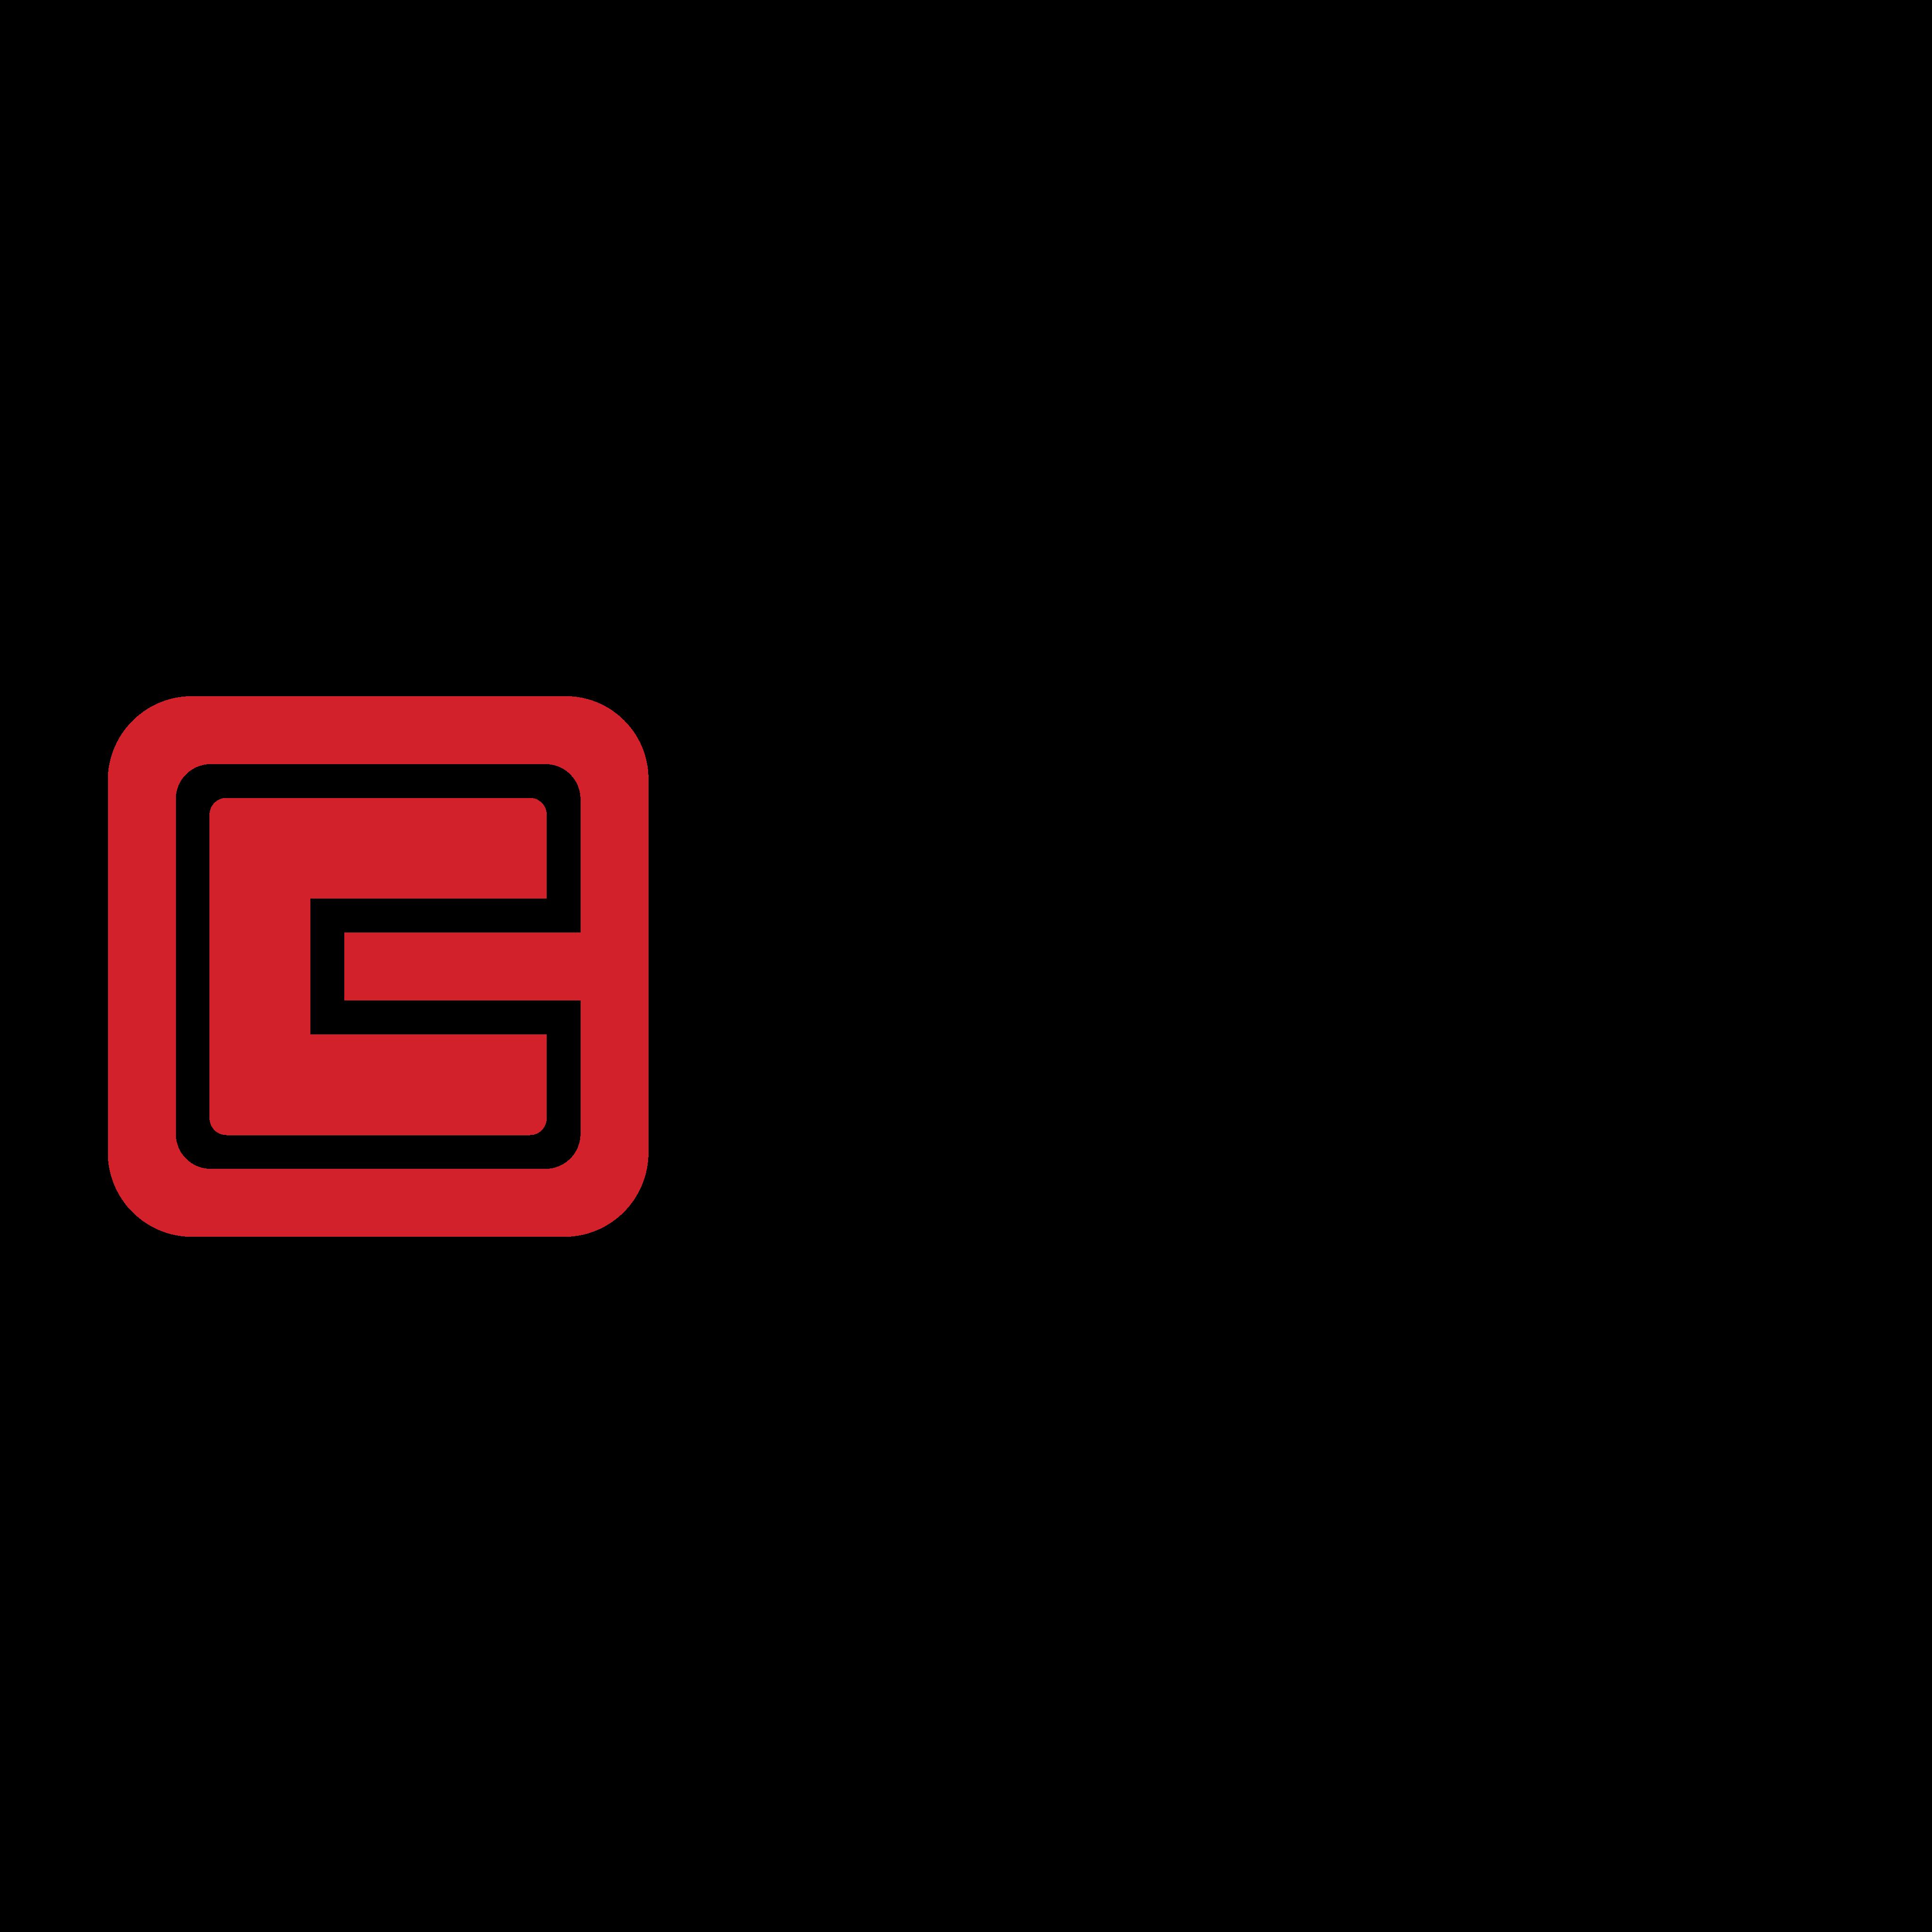 cathay bank logo 0 - Cathay Bank Logo